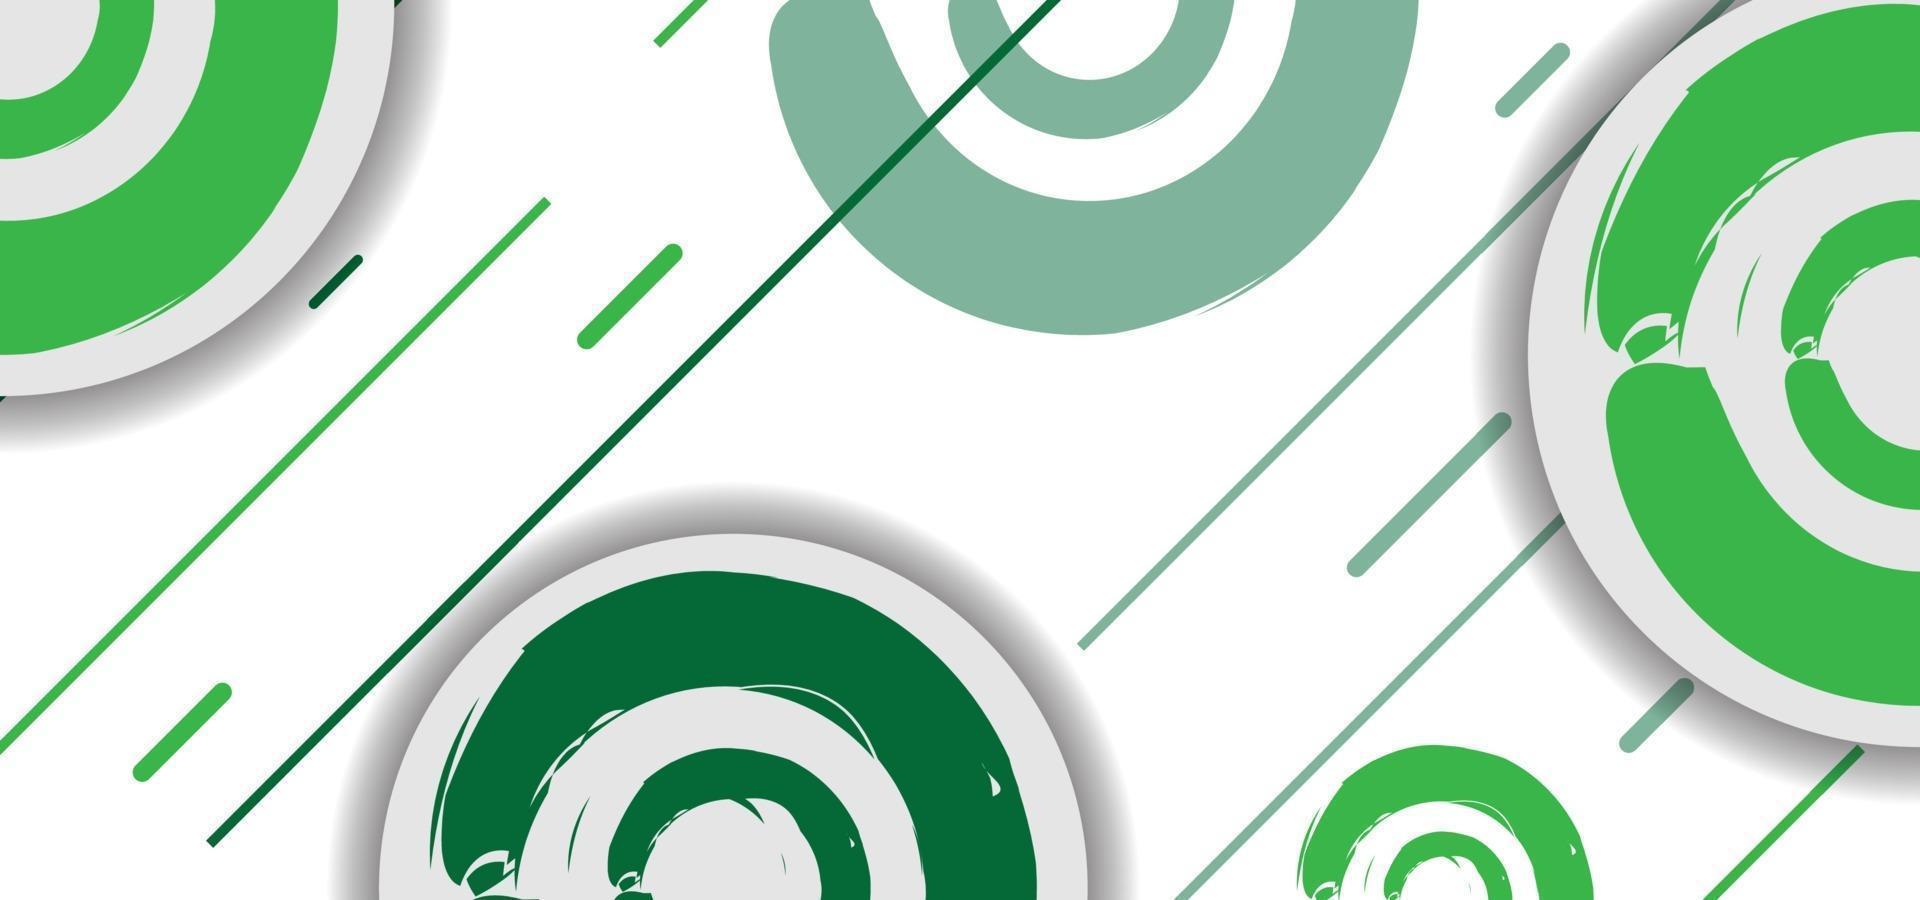 grüne geometrische Kreise und Linien nahtloses Muster oder Hintergrund vektor